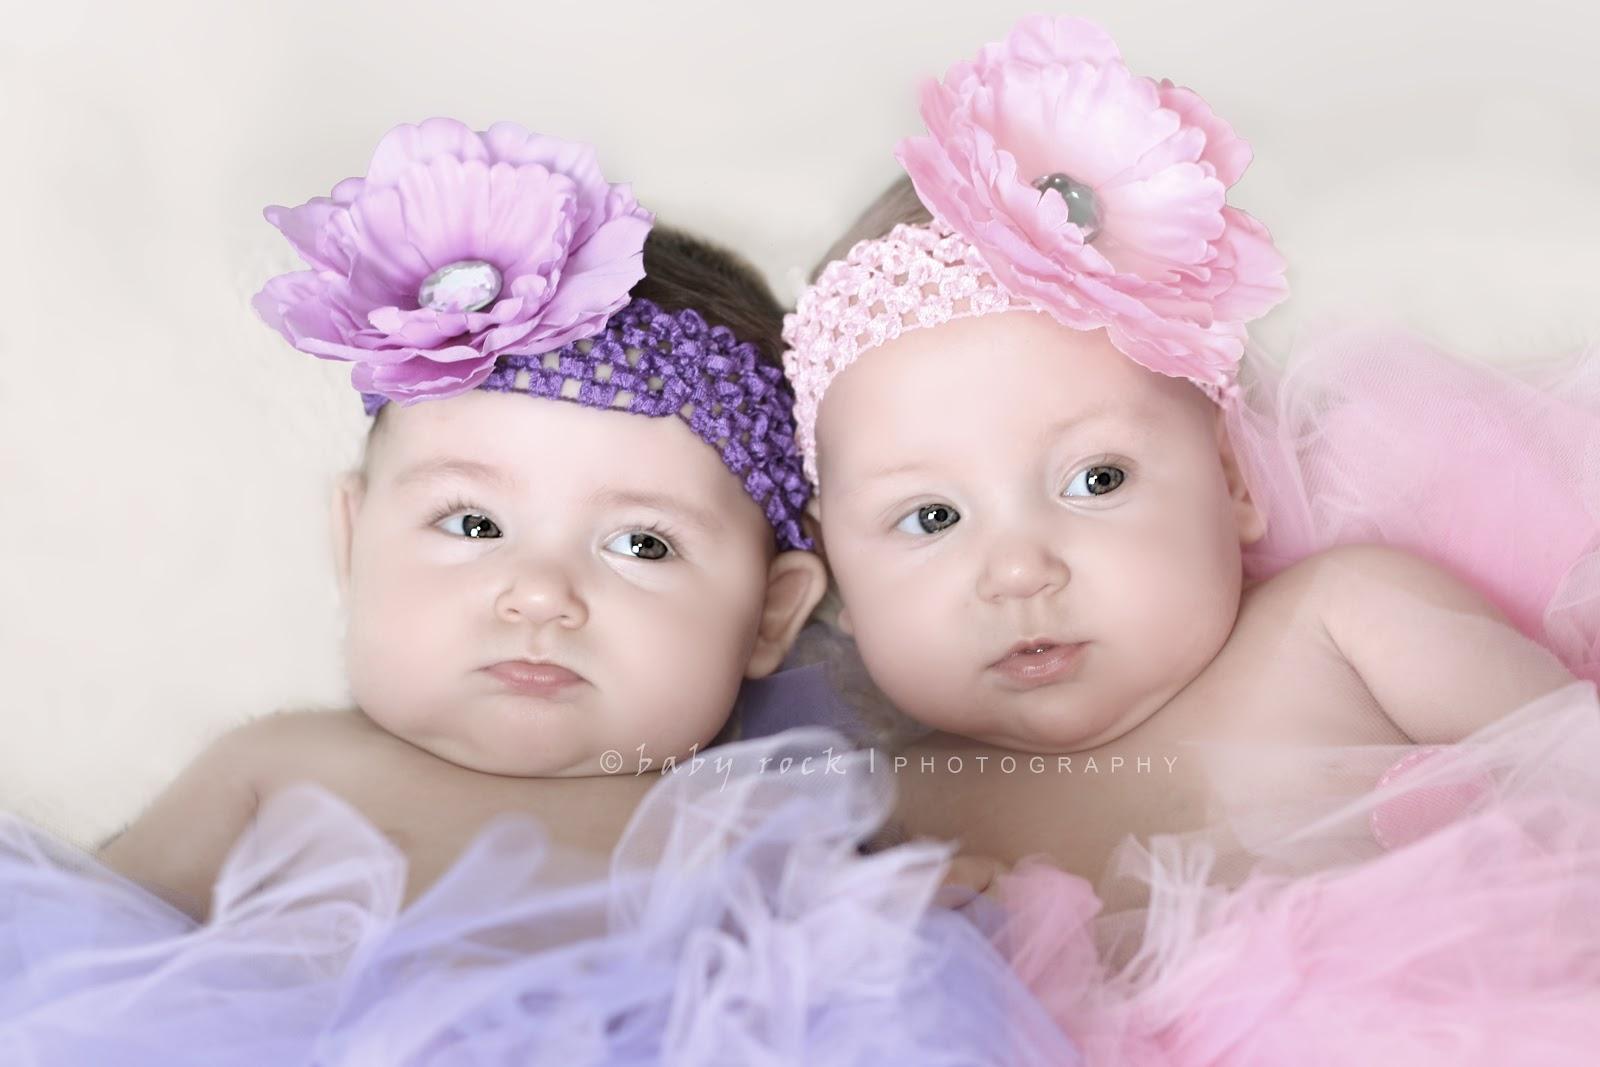 Foto Anak Kembar Lucu Imut